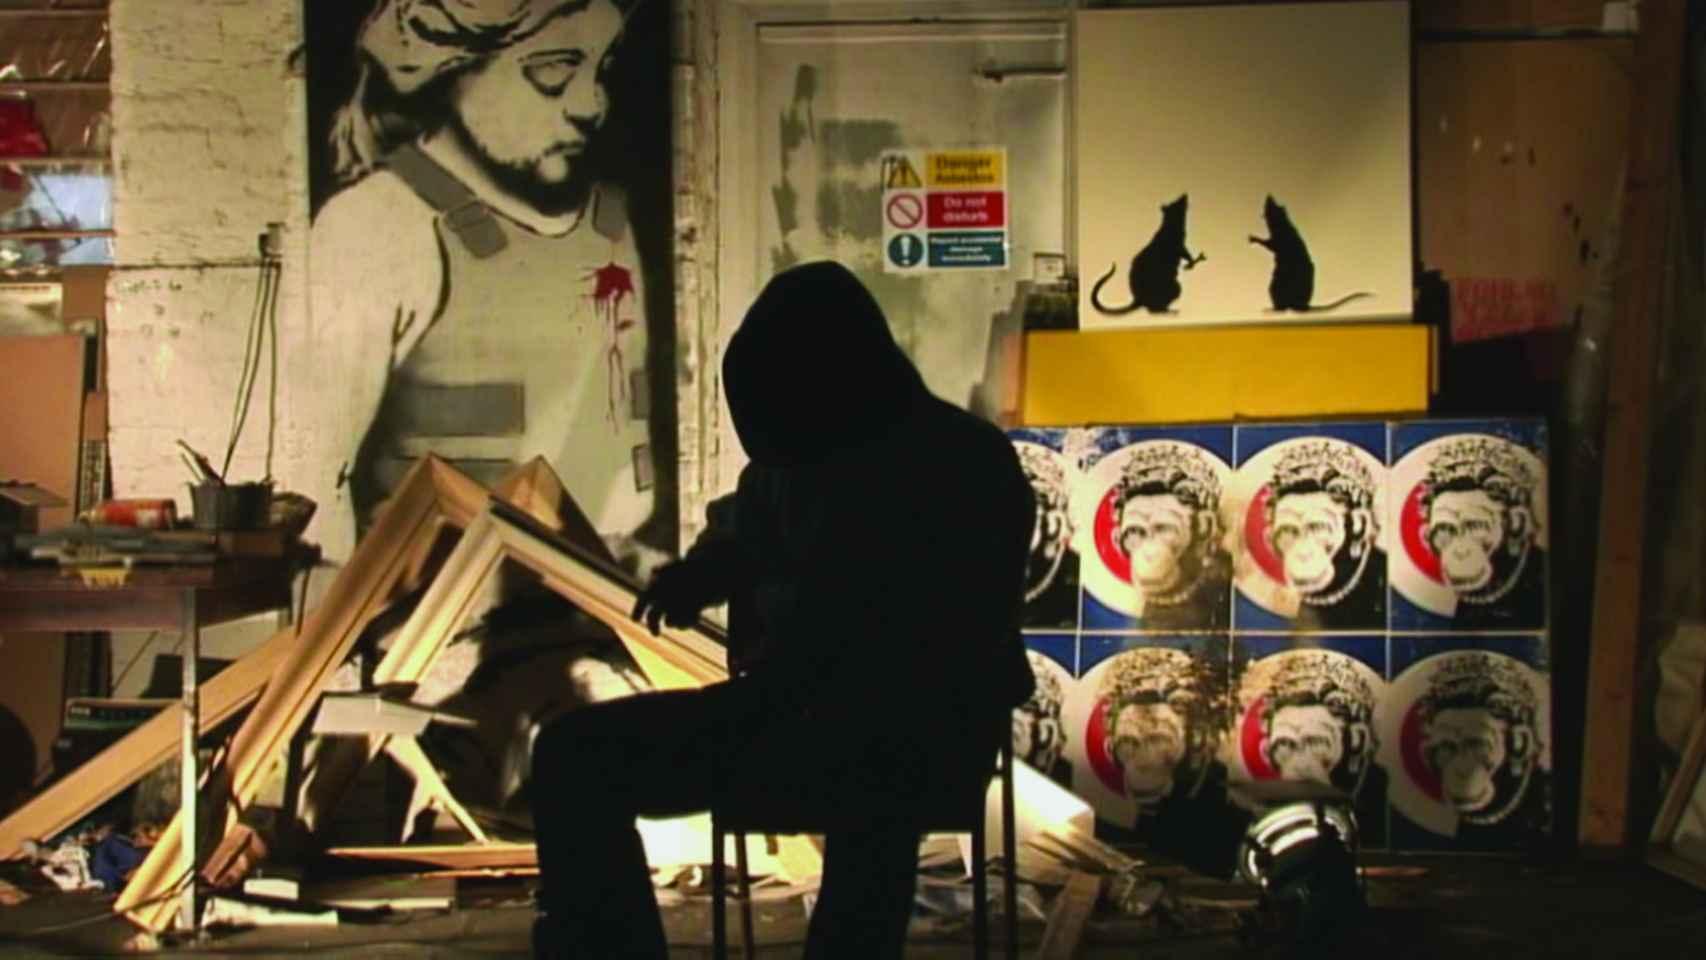 Banksy encapuchado en un fotograma de Exit through the gift shop